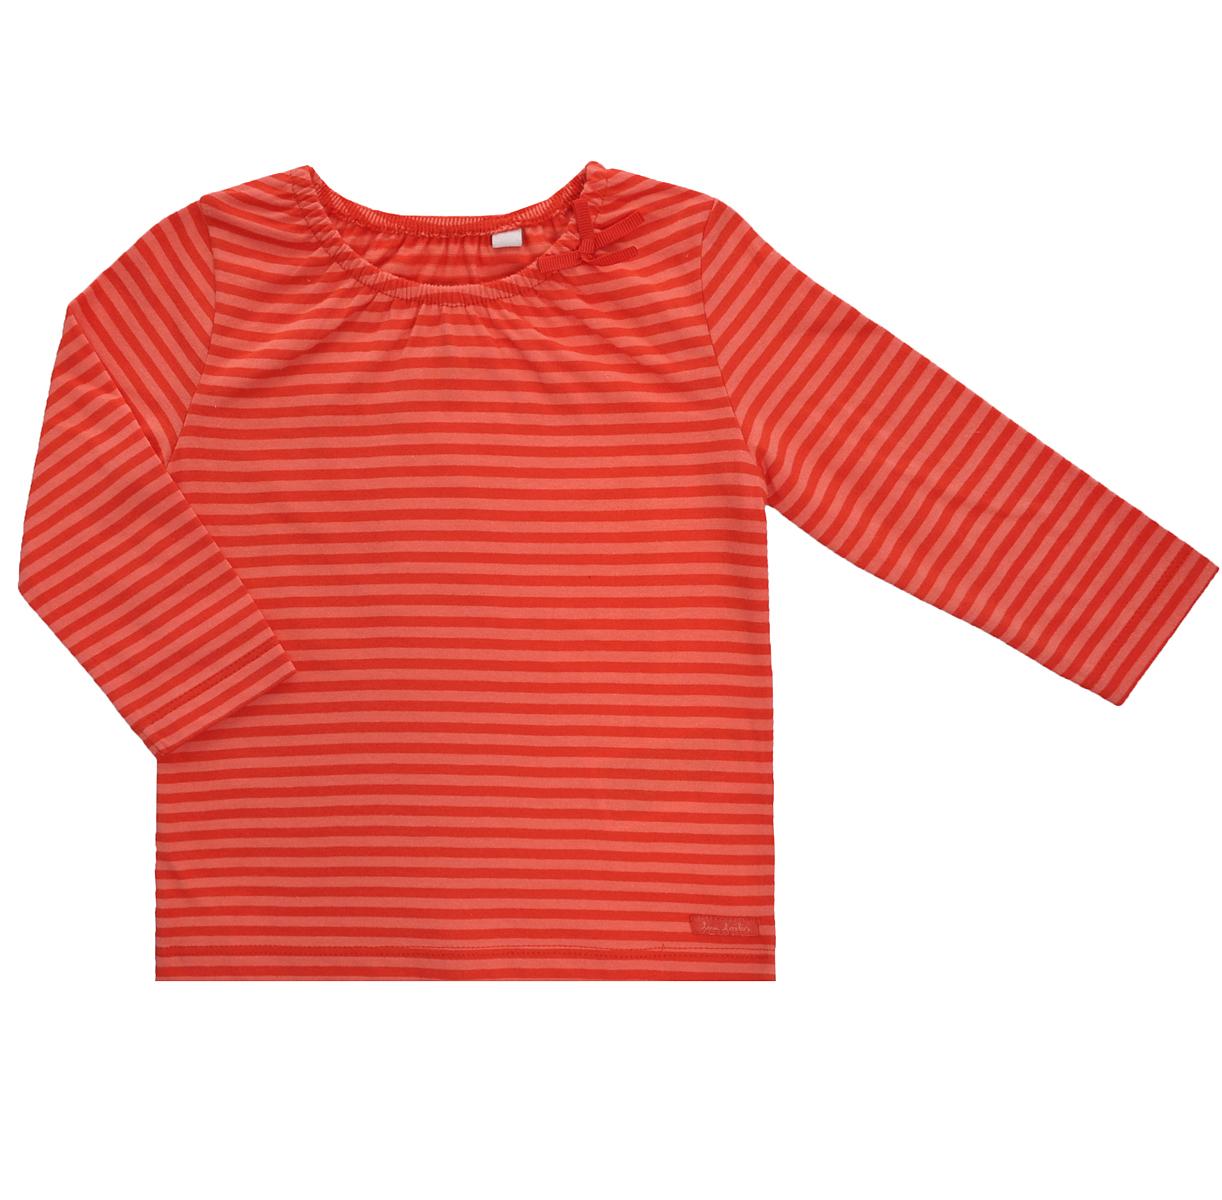 Футболка с длинным рукавом для девочки. 1025724.00.211025724.00.21Очаровательная футболка для девочки Tom Tailor идеально подойдет вашей малышке. Изготовленная из натурального хлопка, она необычайно мягкая и приятная на ощупь, не сковывает движения малышки и позволяет коже дышать, не раздражает даже самую нежную и чувствительную кожу ребенка, обеспечивая ему наибольший комфорт. Футболка с длинными рукавами и круглым вырезом горловины оформлена принтом в полоску. Вырез горловины дополнен скрытой эластичной резинкой и украшен бантиком, что гармонично дополняет образ. Оригинальный современный дизайн и модная расцветка делают эту футболку модным и стильным предметом детского гардероба. В ней ваша малышка будет чувствовать себя уютно и комфортно, и всегда будет в центре внимания!